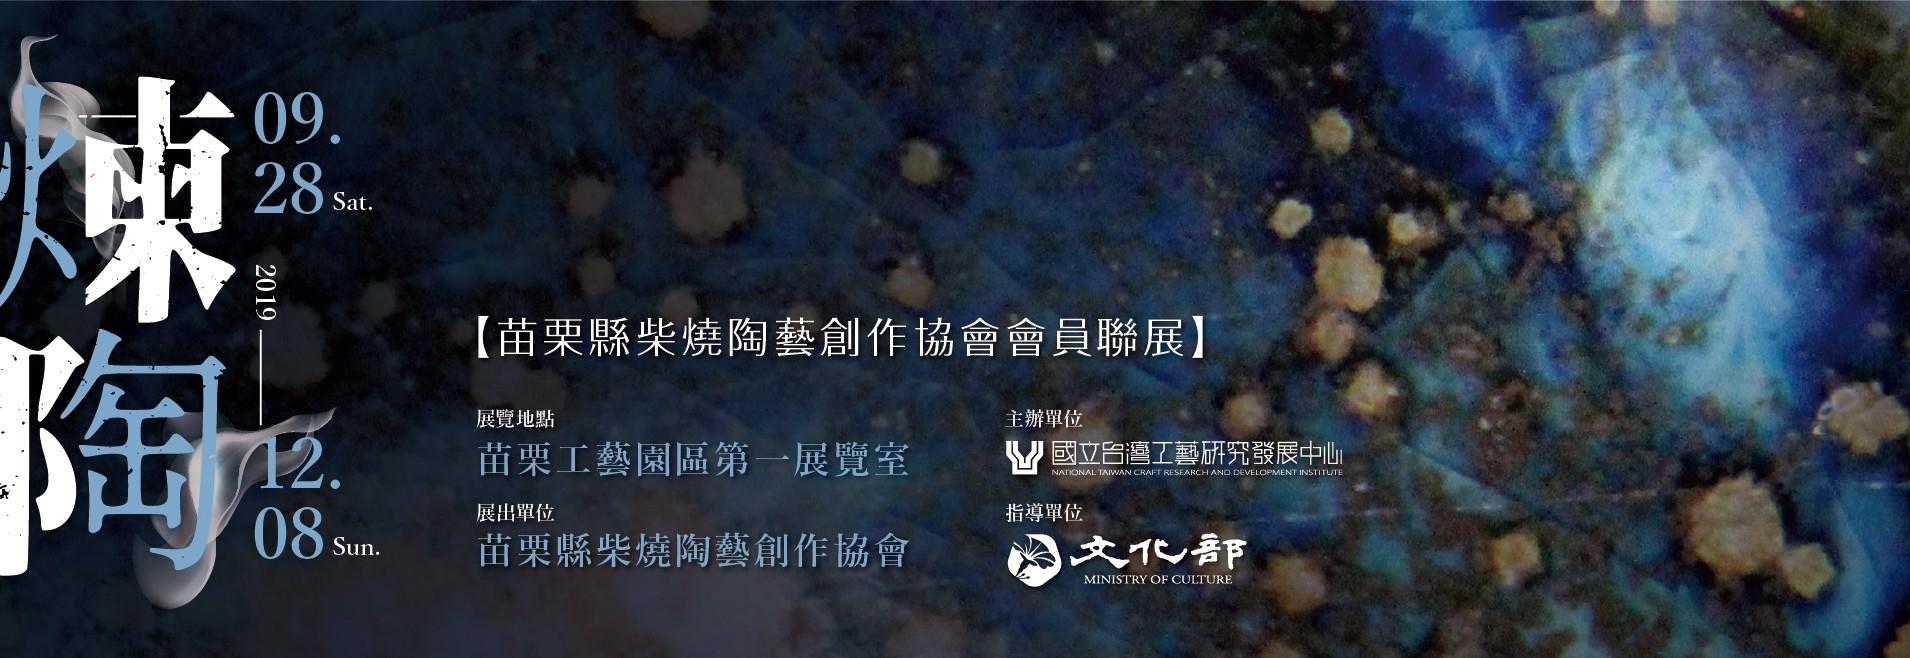 煉陶-苗栗縣柴燒陶藝創作協會會員聯展opennewwindow